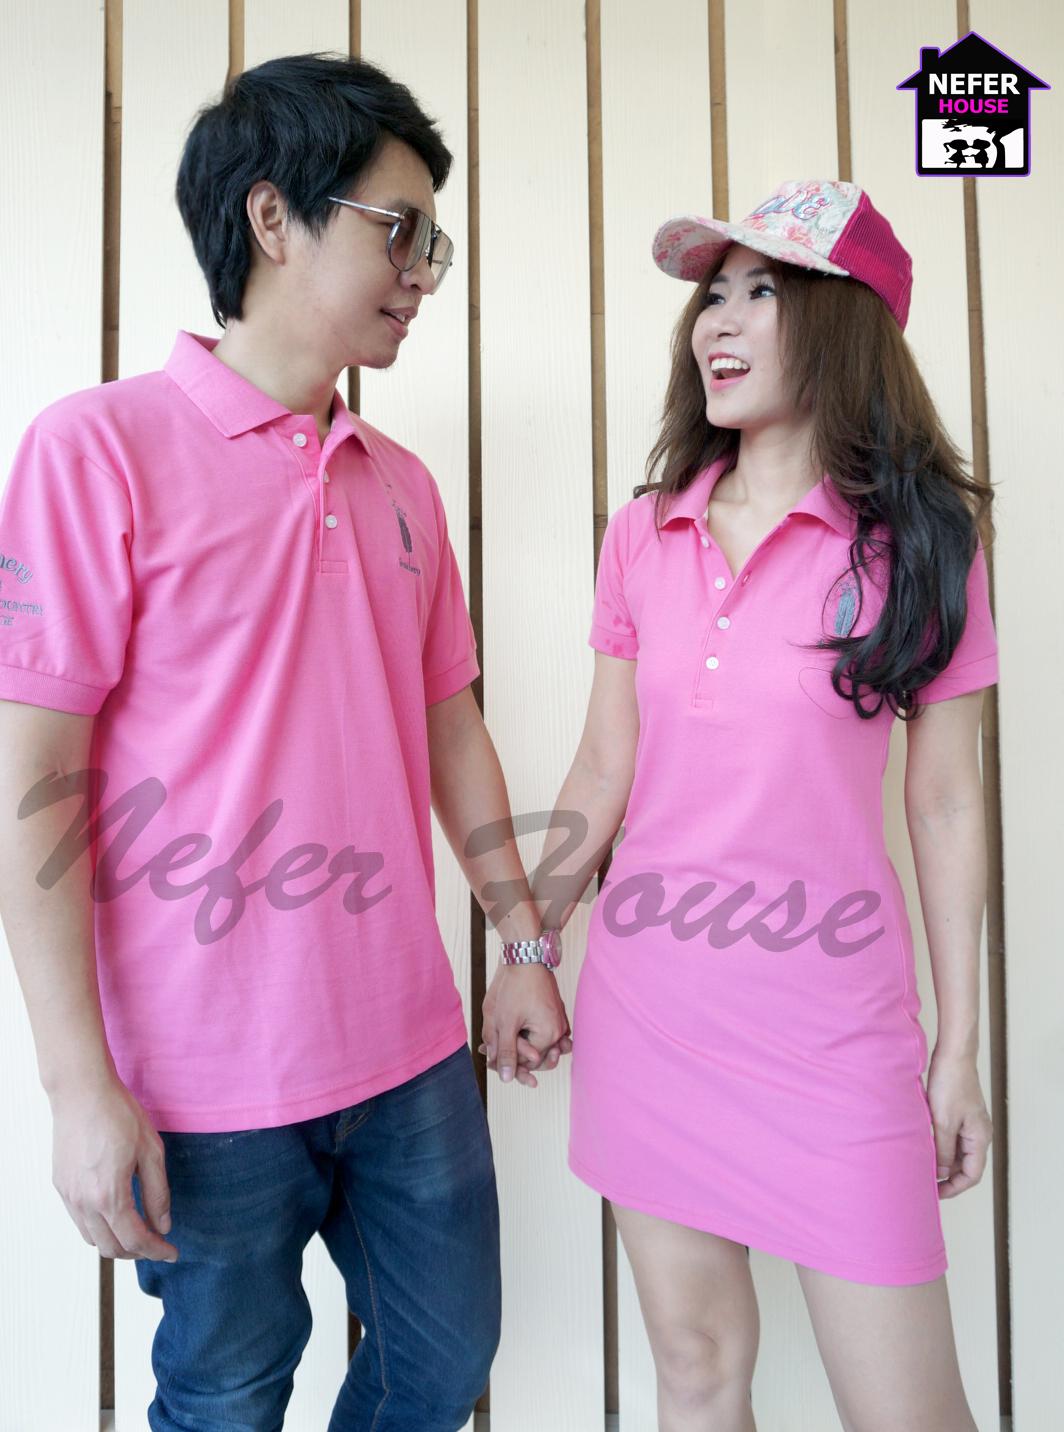 เสื้อคู่รักโปโล สีชมพูออกแนวสปอร์ต ไซส์ XL